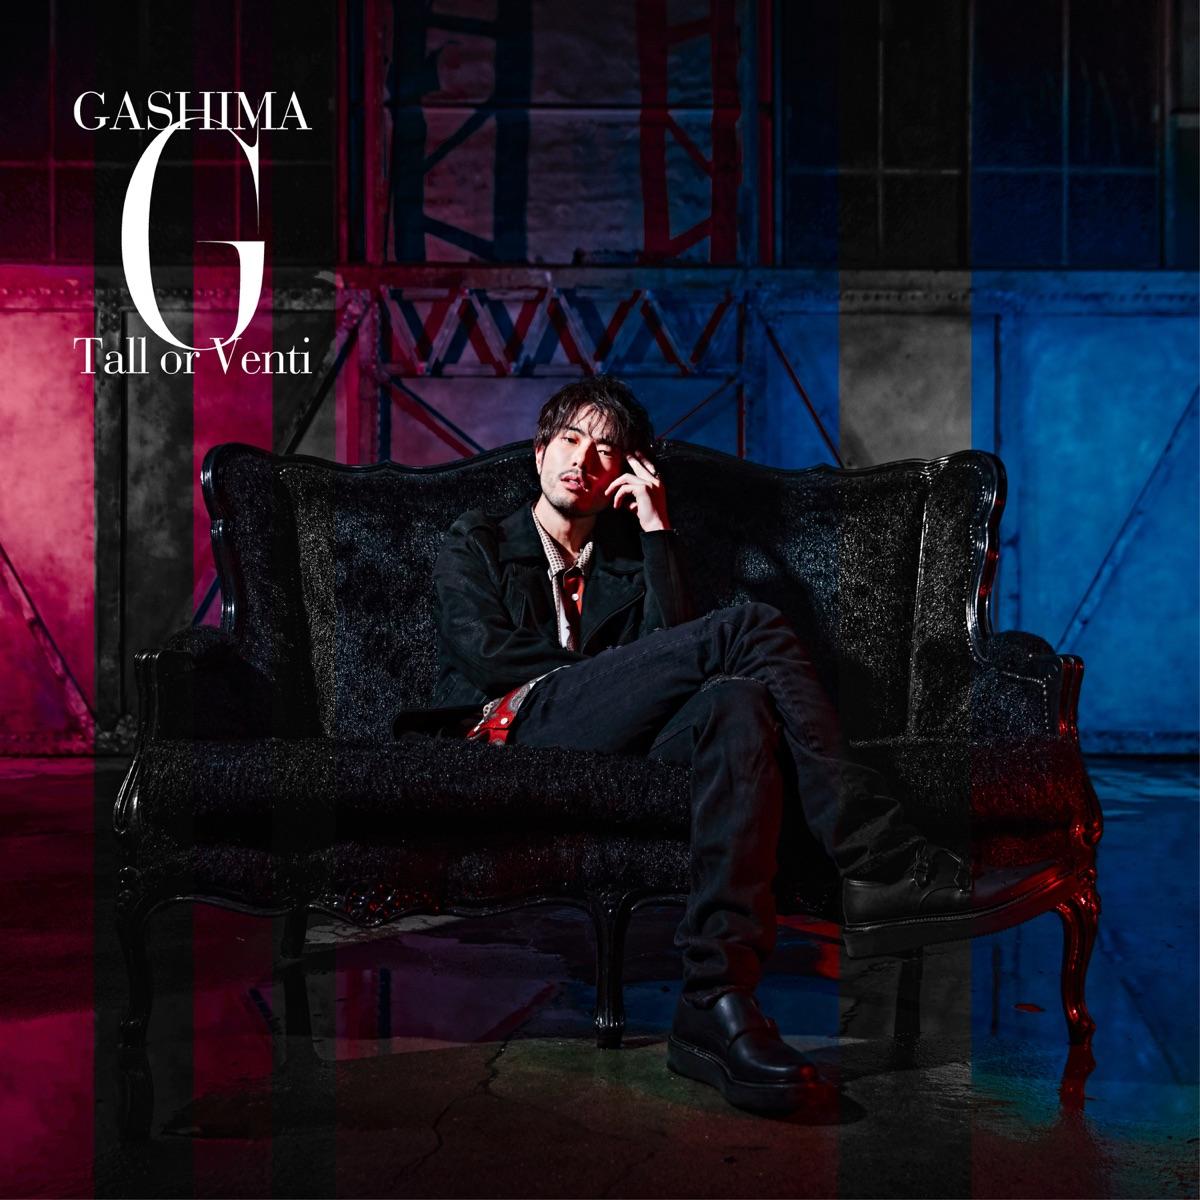 『GASHIMA - Tall or Venti』収録の『Tall or Venti』ジャケット